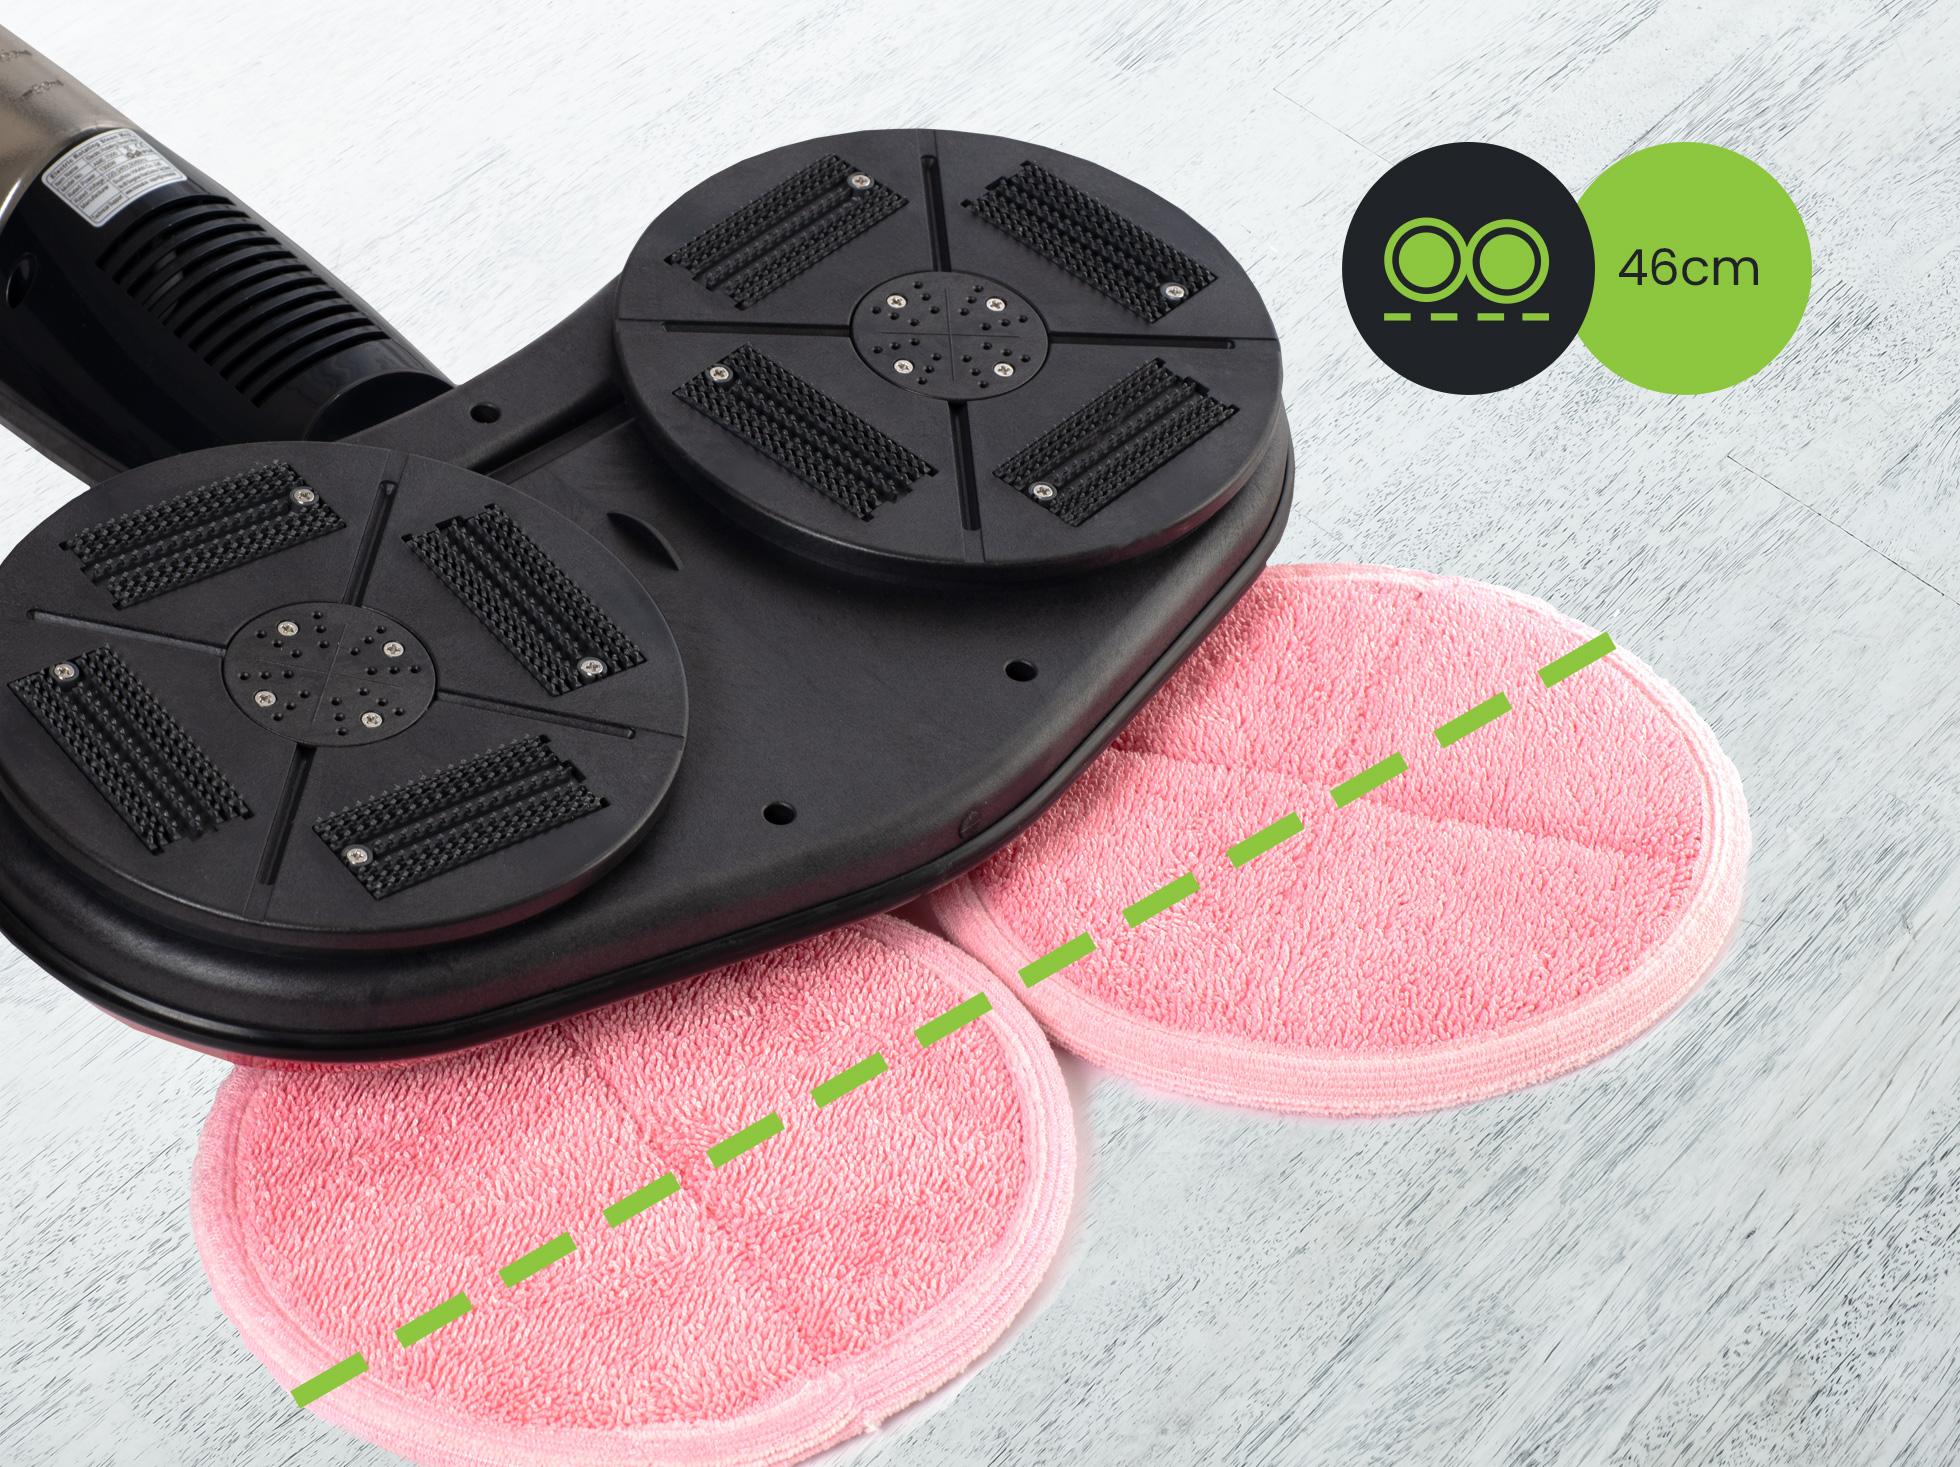 Szerokie głowice ułatwiają sprzątanie i prowadzenie mopa elektrycznego